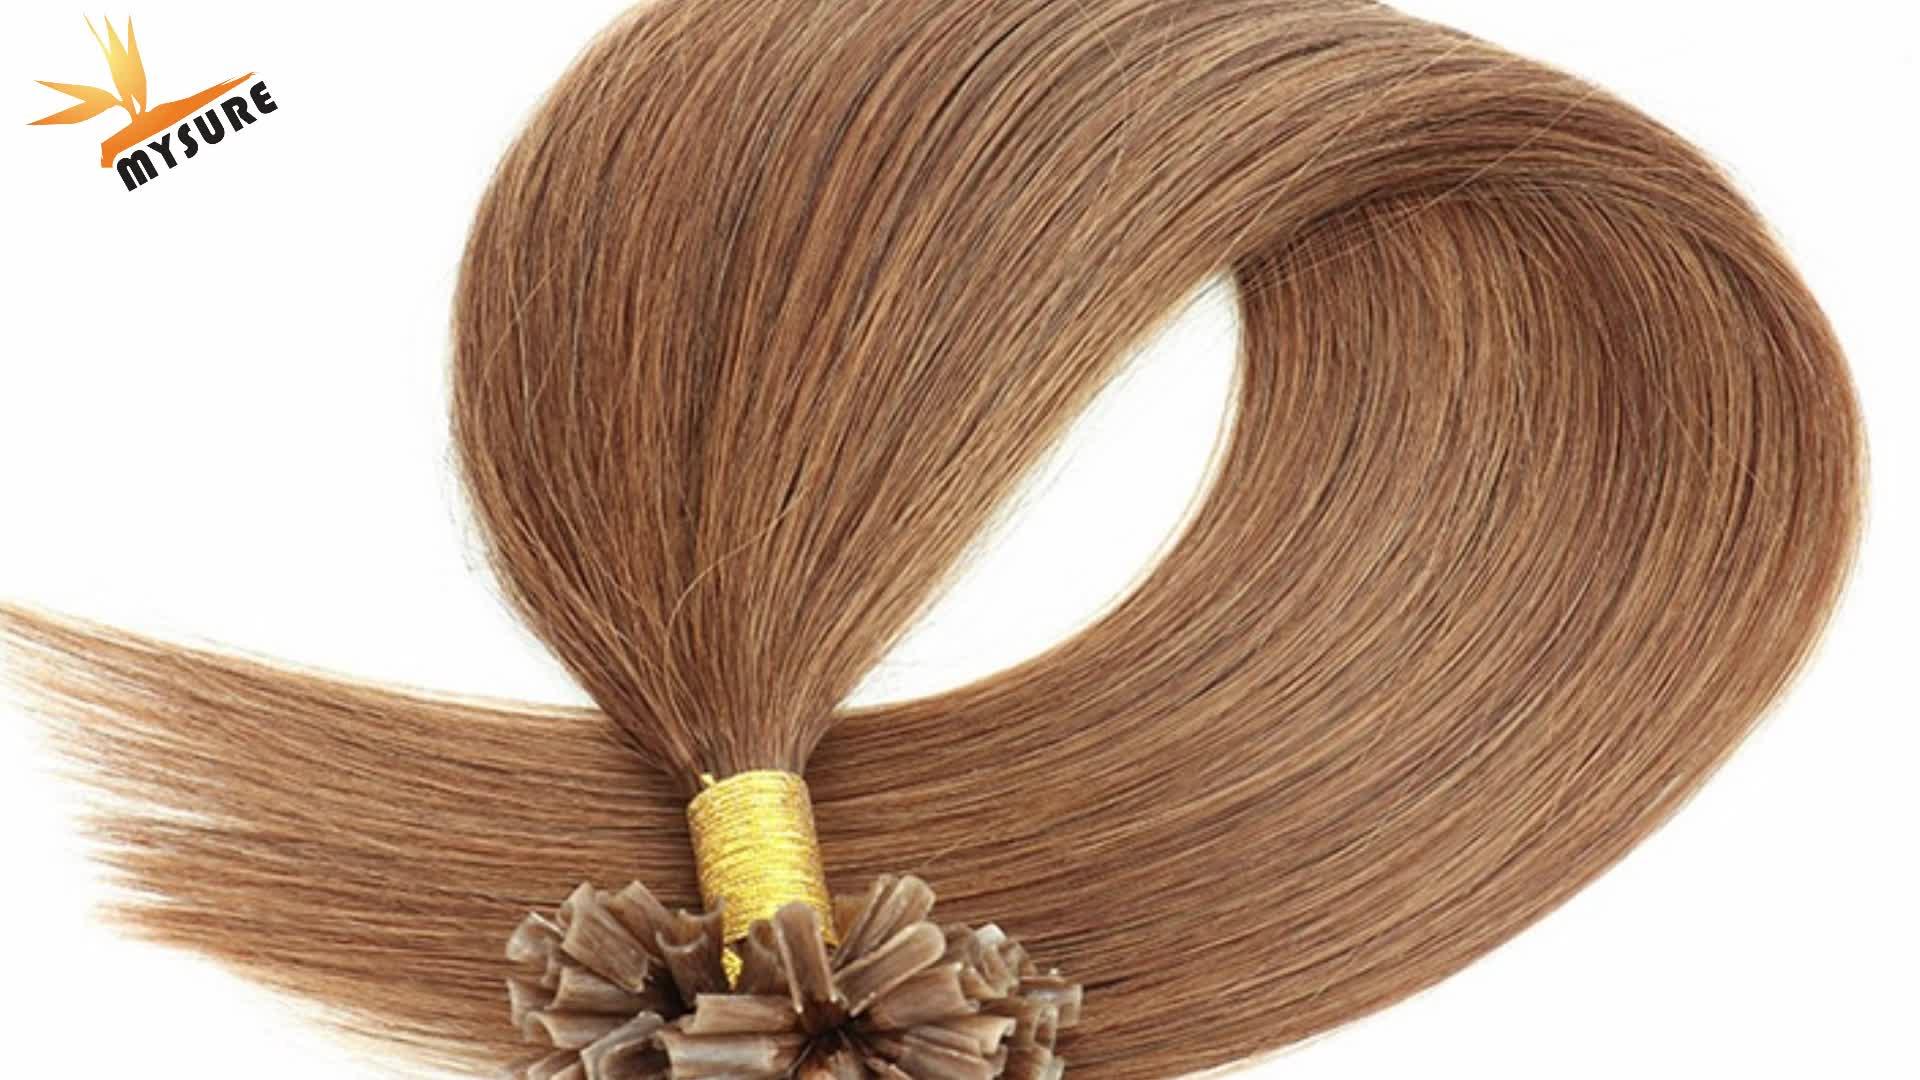 Haarverlenging koper micro ringen haarverlenging cover haarverlenging uitdrukking